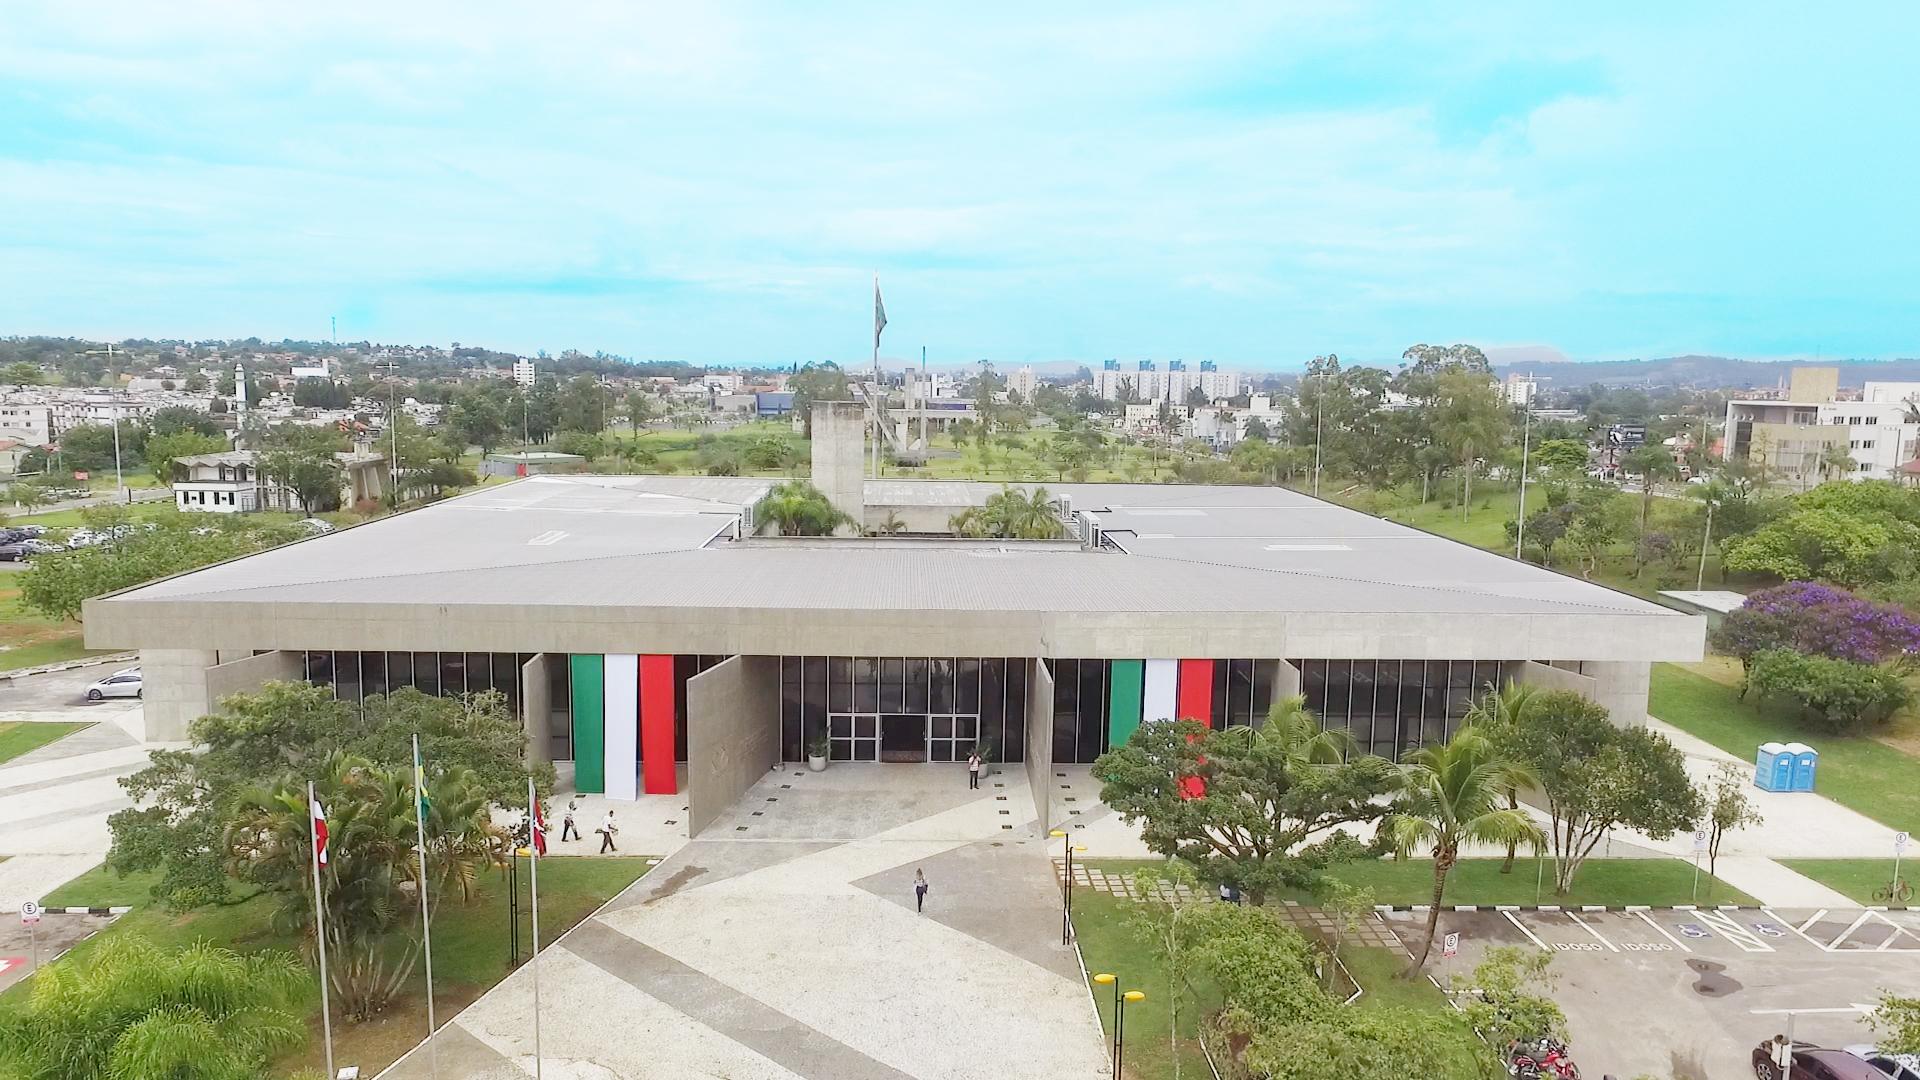 Prefeitura de Criciúma lança edital de processo seletivo simplificado para preenchimento de 148 vagas temporárias